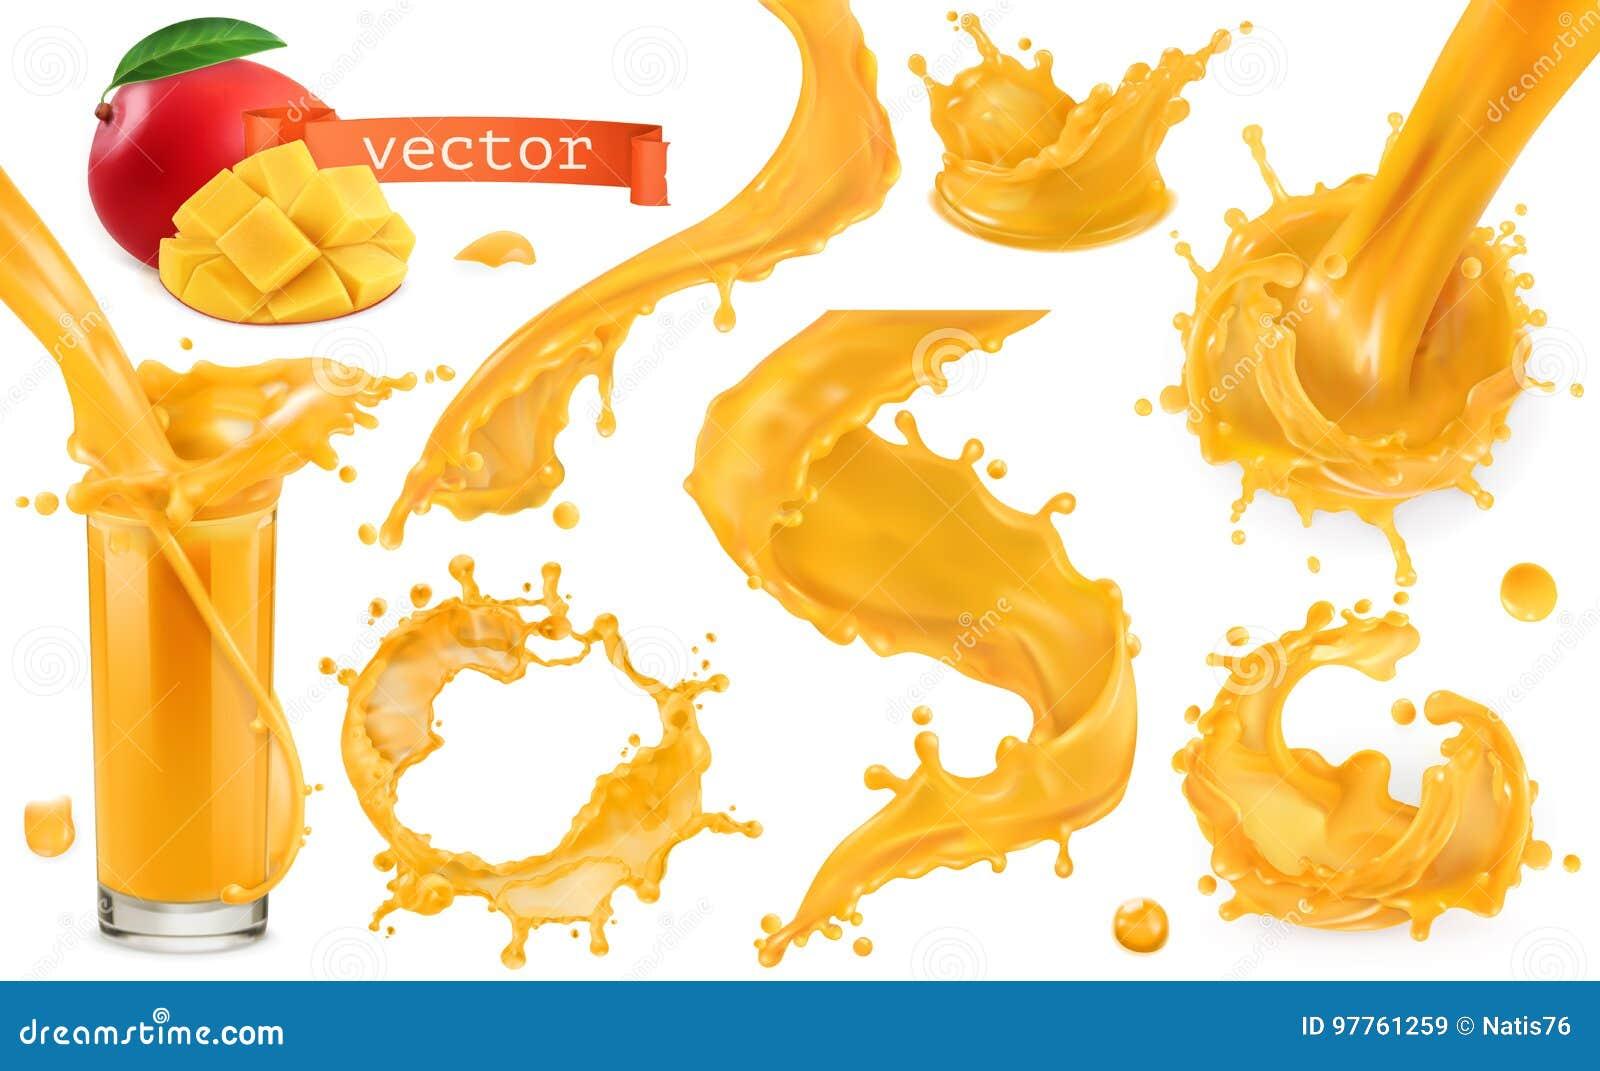 Πορτοκαλής παφλασμός χρωμάτων Μάγκο, ανανάς, papaya χυμός τα εικονίδια εικονιδίων χρώματος χαρτονιού που τίθενται κολλούν το διάν